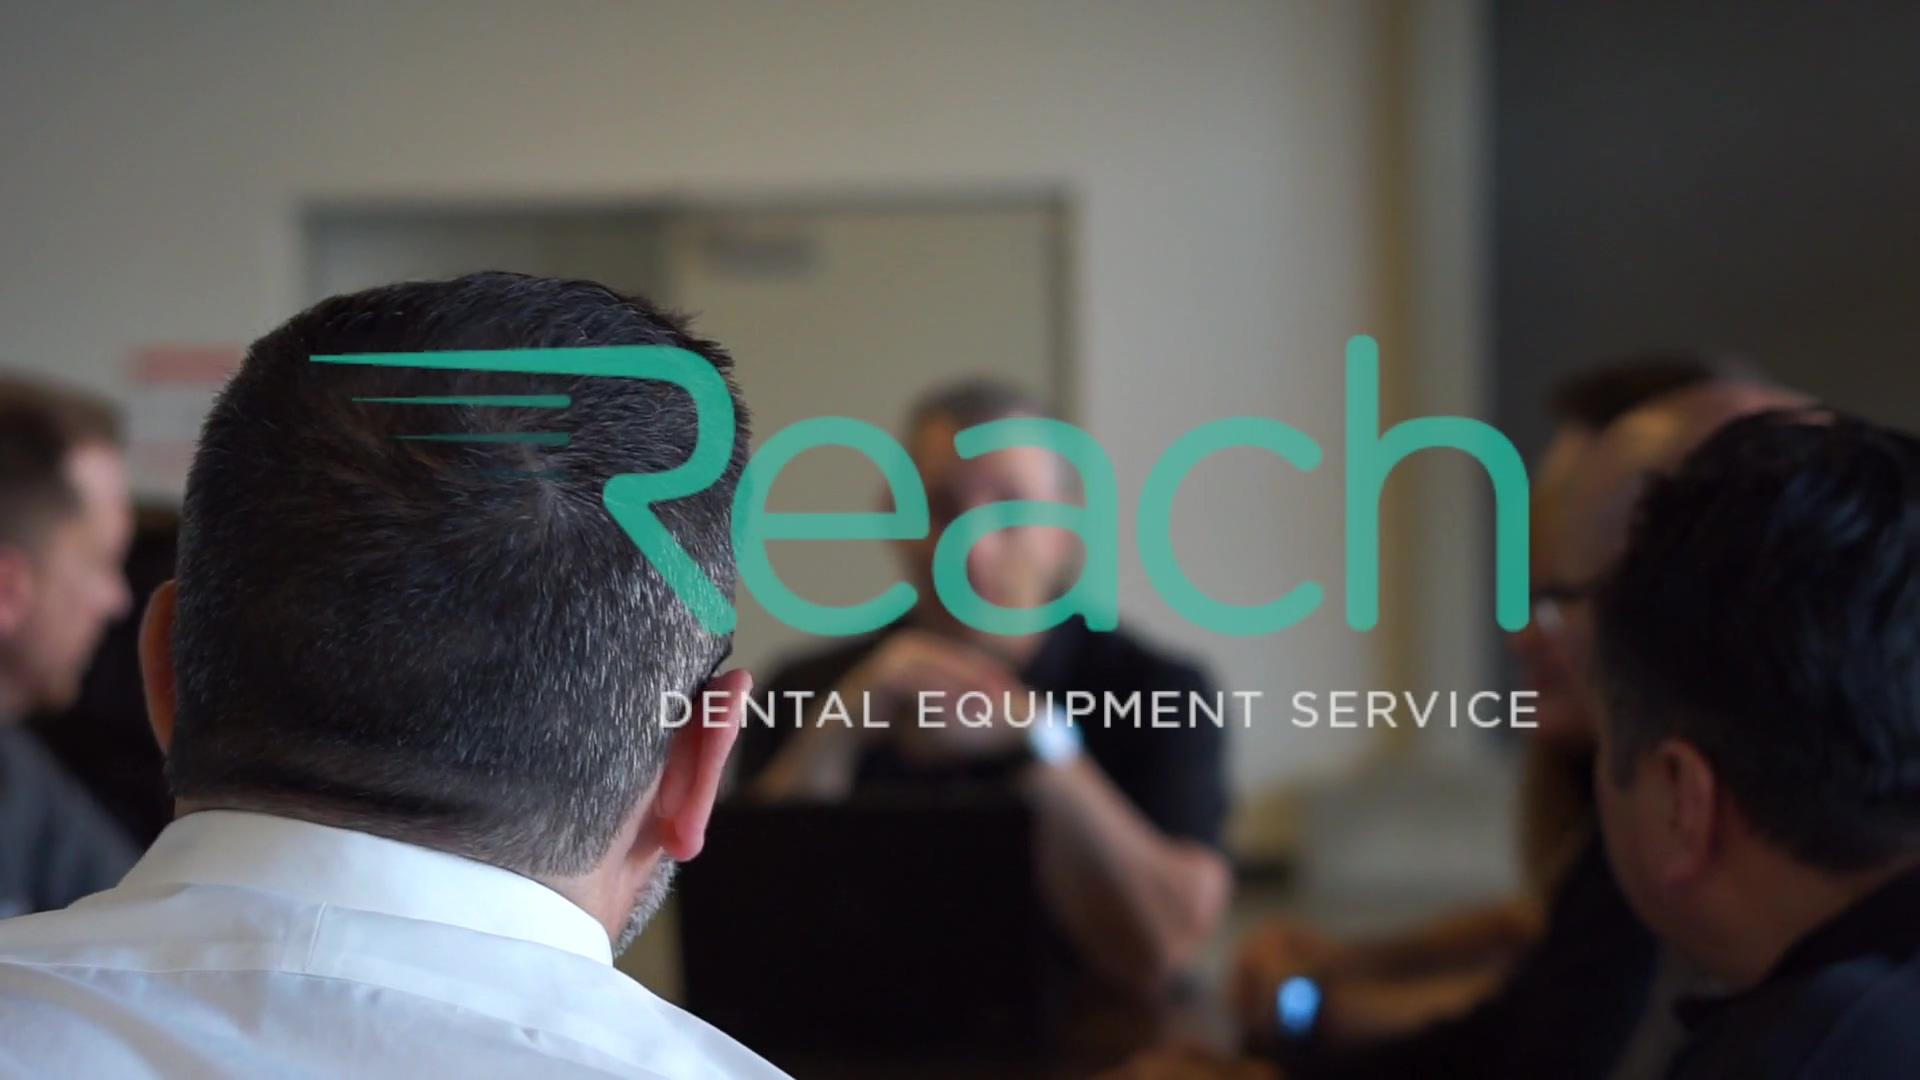 Reach Client Video 2019